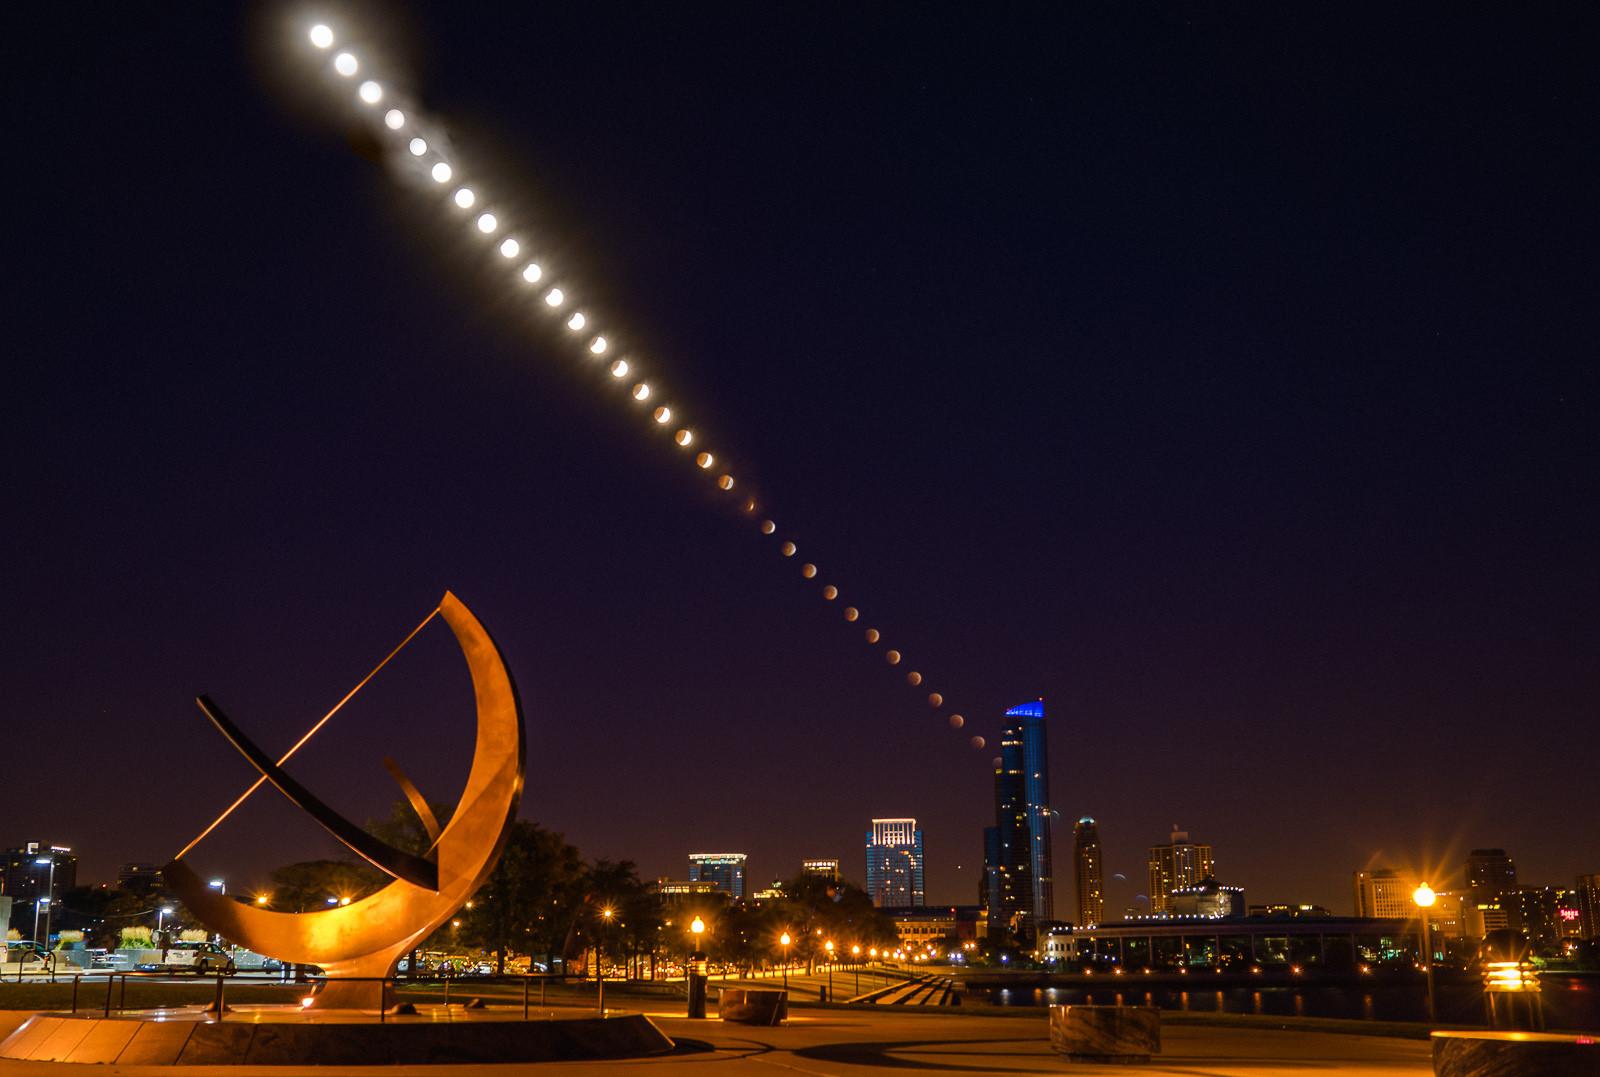 Quá trình diễn ra nguyệt thực từ lúc Mặt Trăng mọc cho tới khi nó lên cao trên bầu trời ở Cung thiên văn Adler, thành phố Chicago, Hoa Kỳ. Tác giả : Pete Tsai.